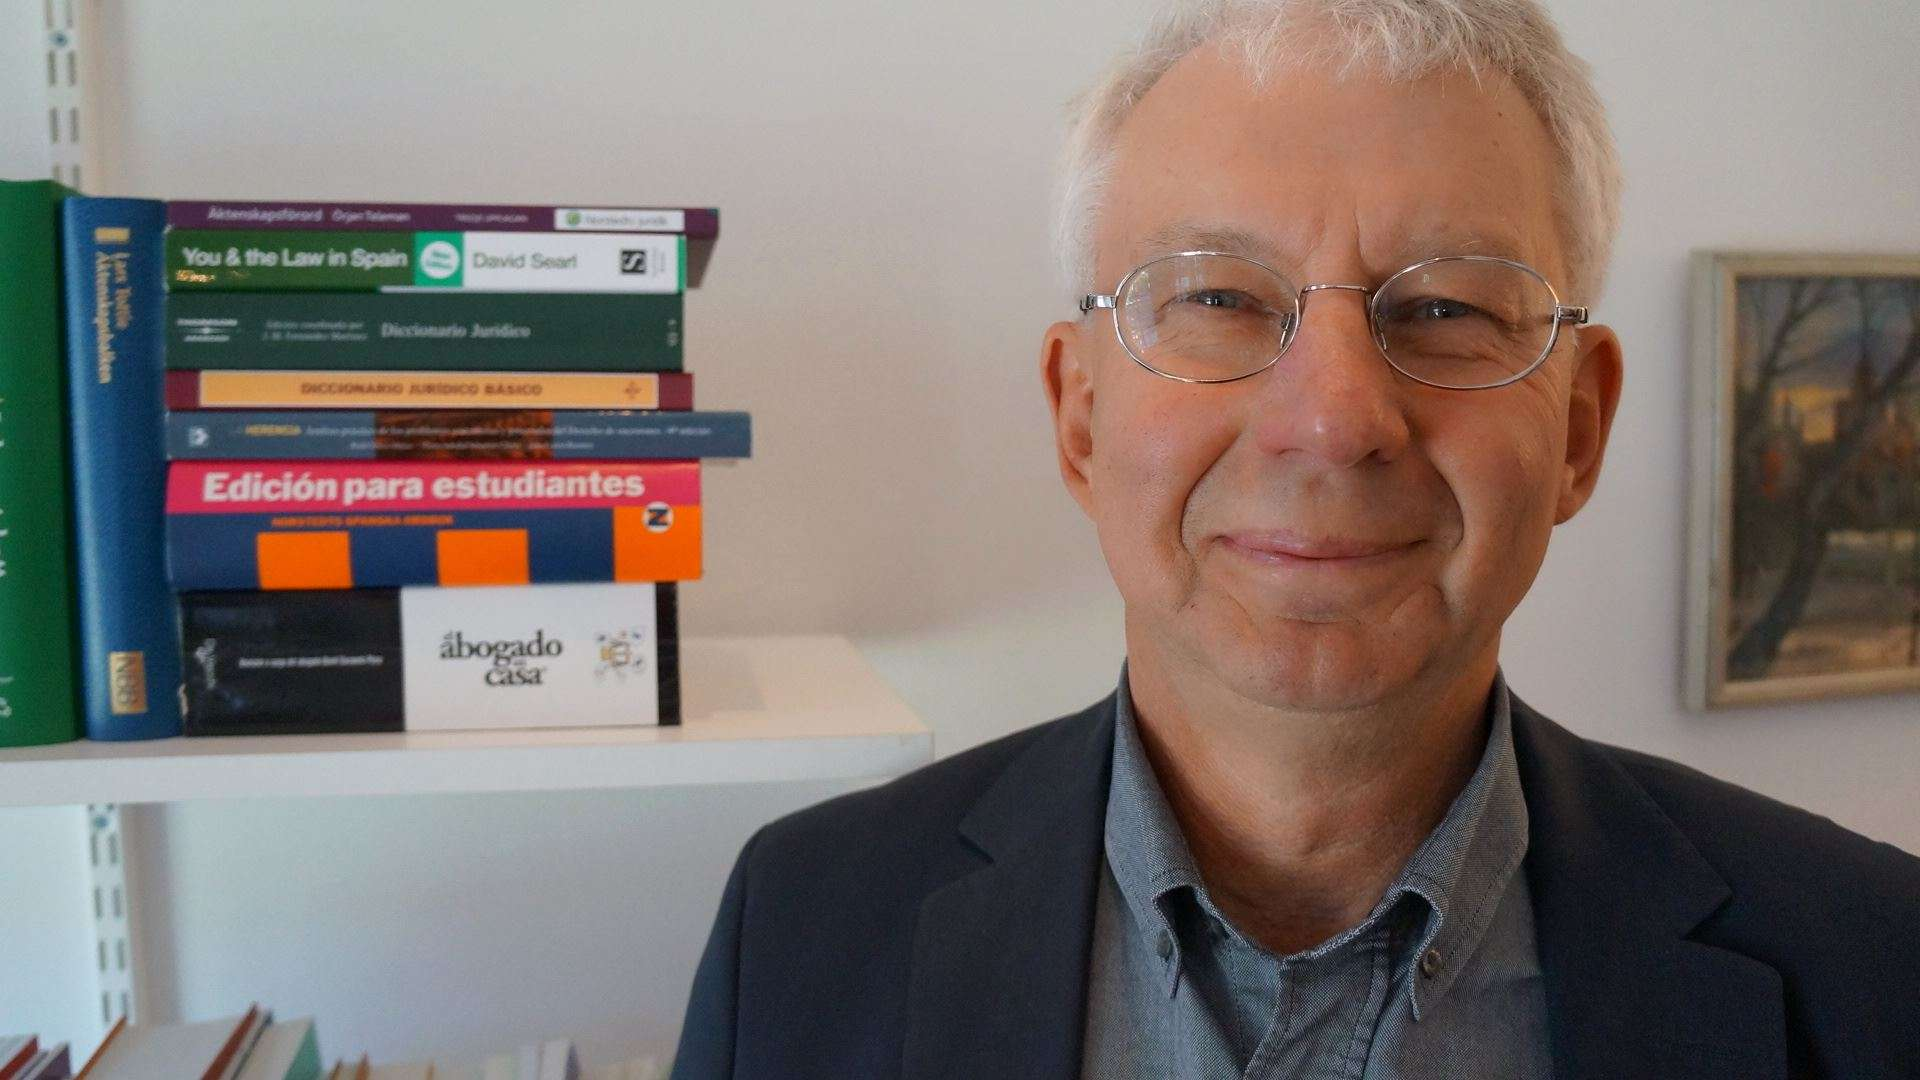 Peter Edlund - advokat och krönikör på Mallorcanytt